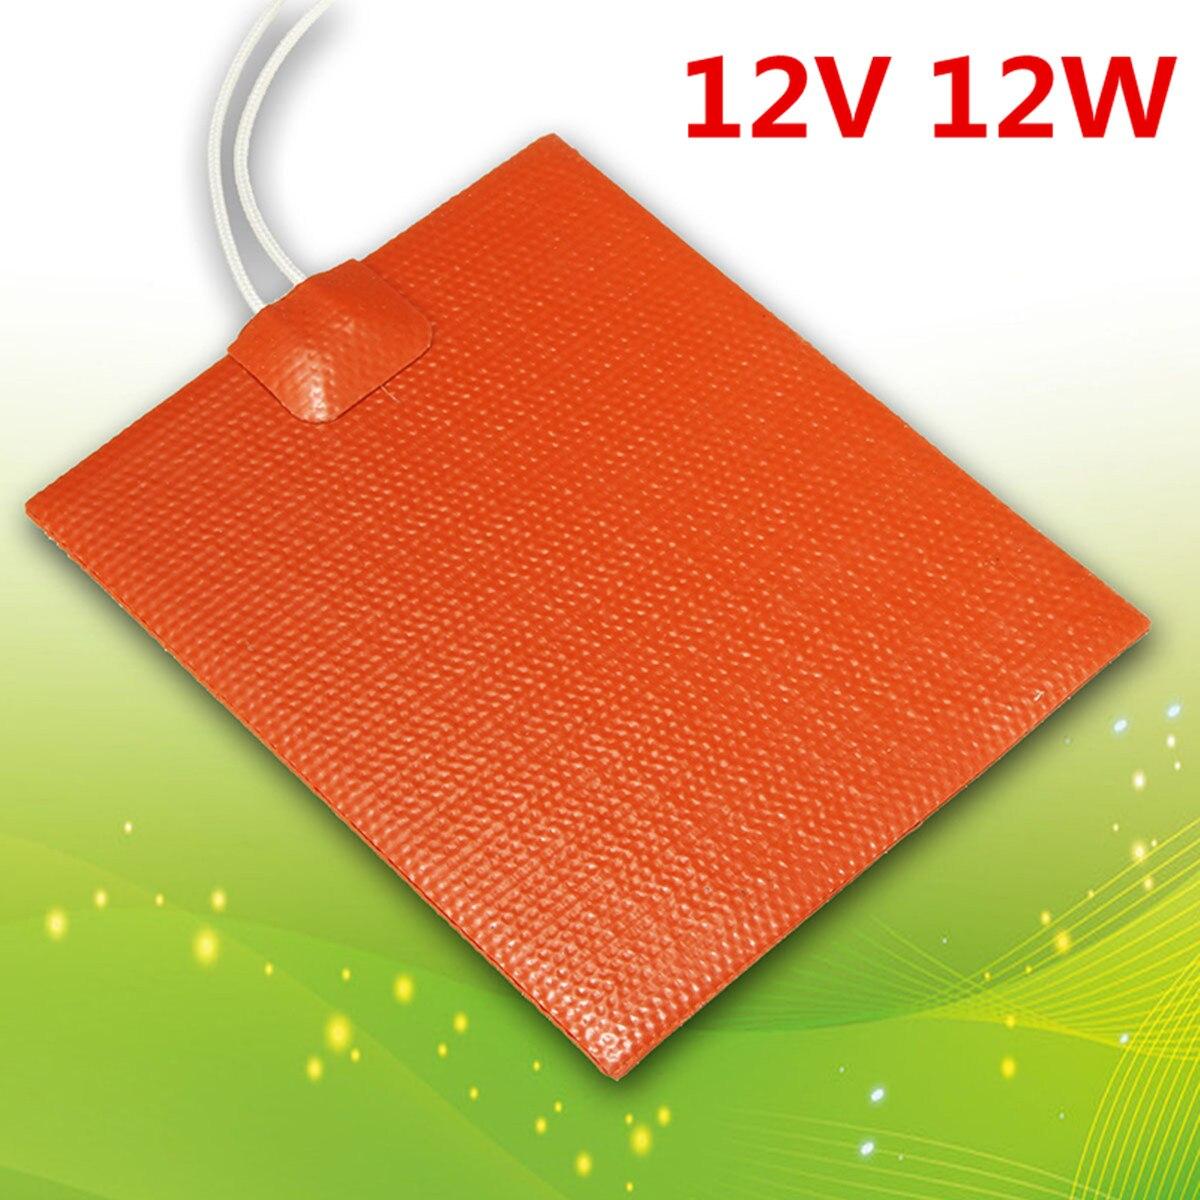 12x10 cm 12 V Hive Elektrische Heizung Platte Sparen Honig Imker Bee halten Ausrüstung 12 W